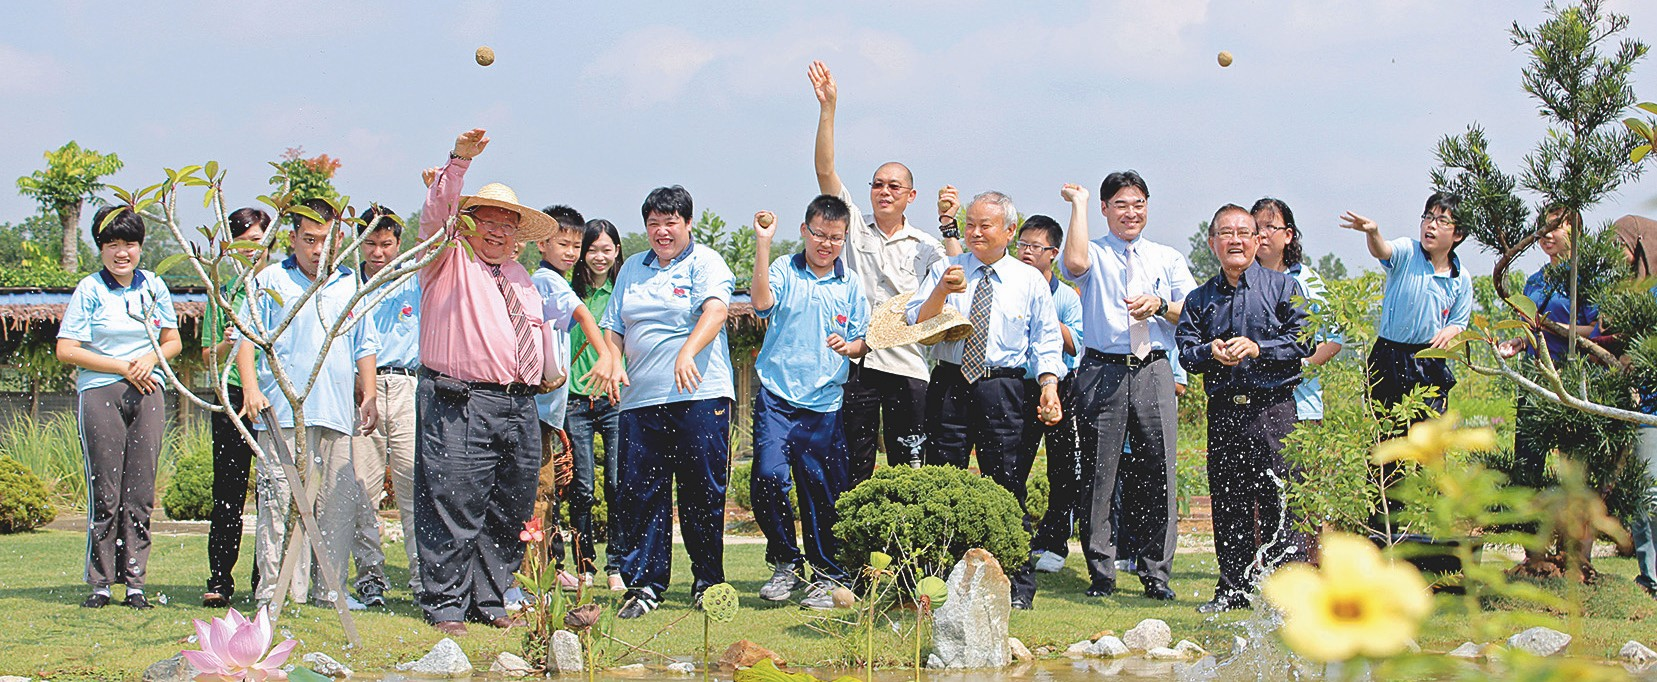 Aus Anlass des Besuches von Prof. Higa wurden EM-Dangos in den Teich geworfen, um die Wasserqualität zu verbessern.